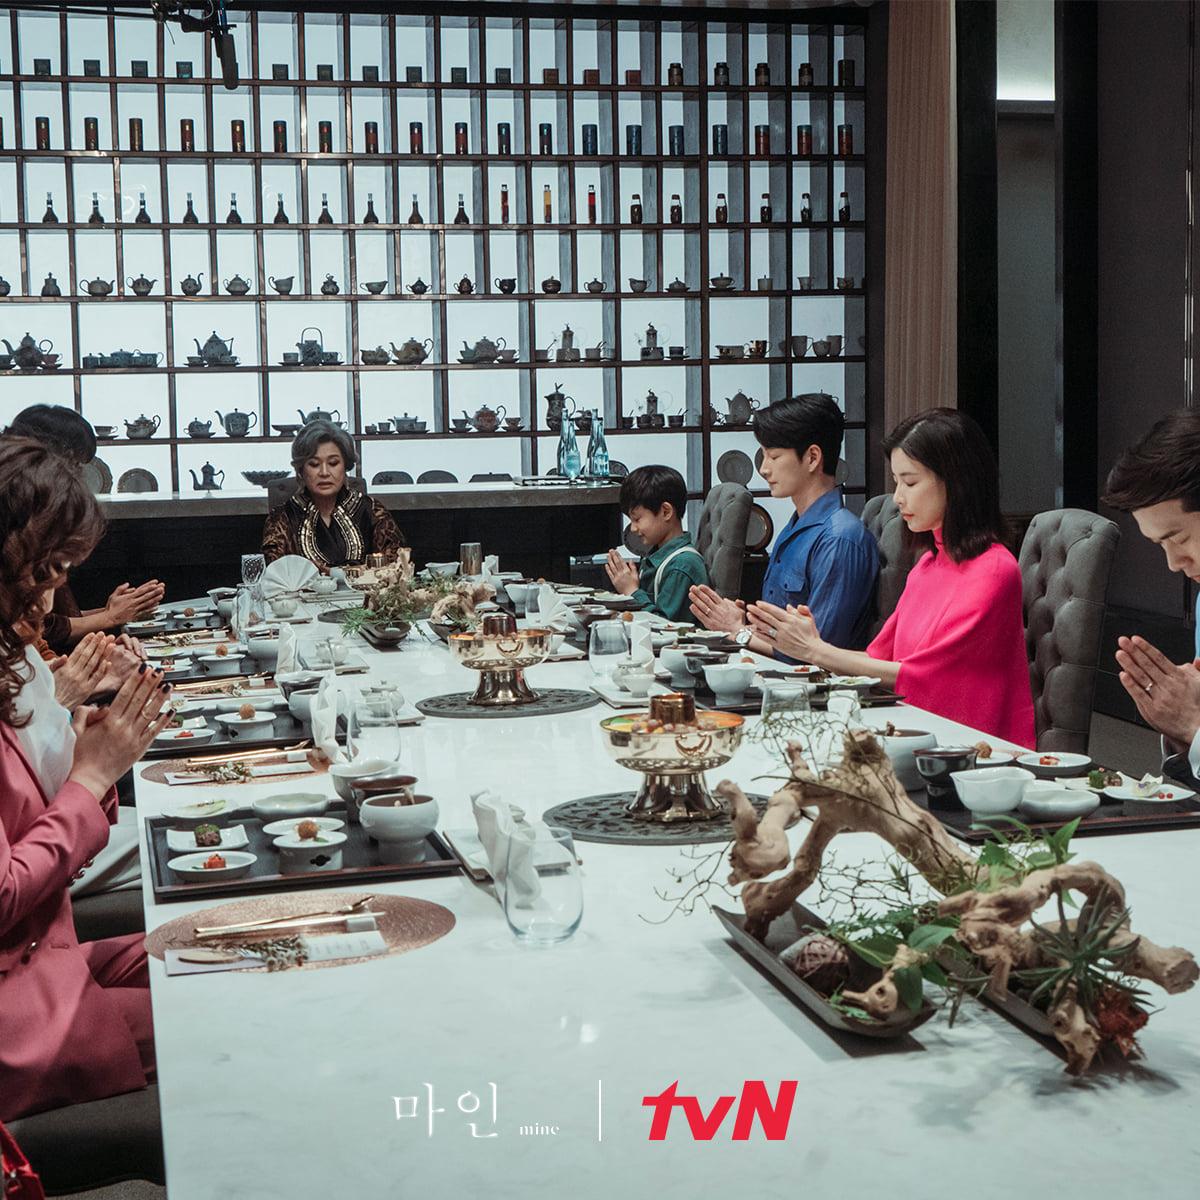 韓国ドラマ「mine」感想1